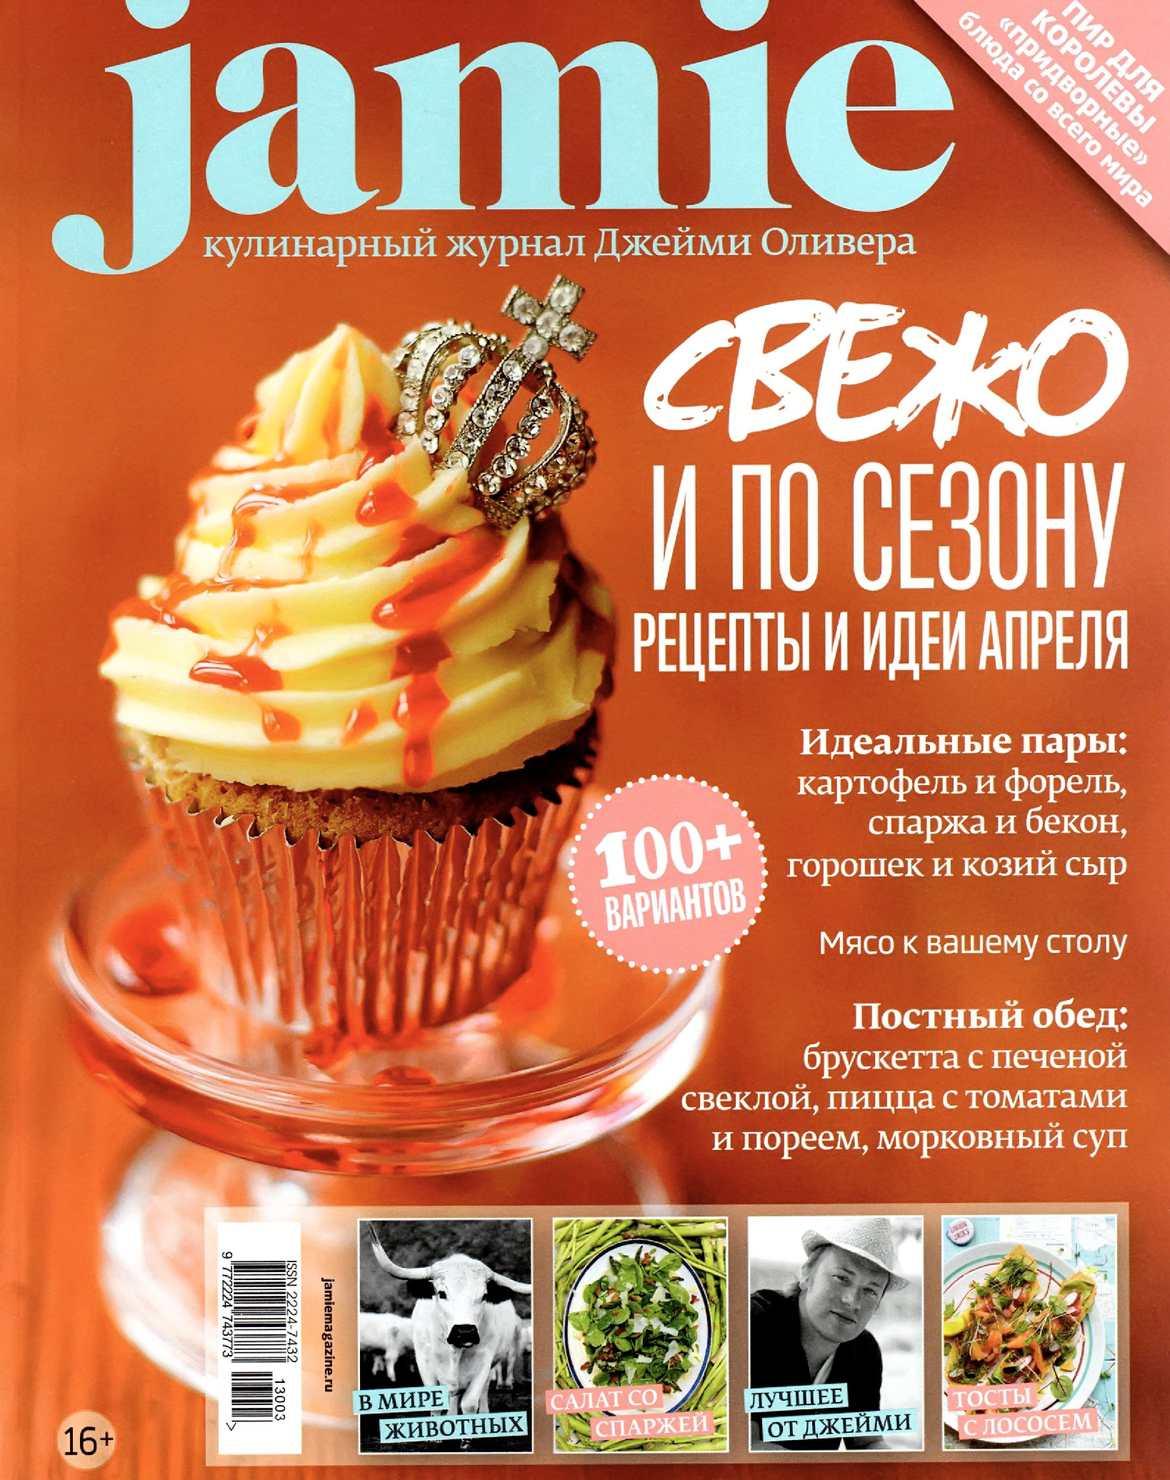 Jamie Magazine №3 (14) апрель 2013